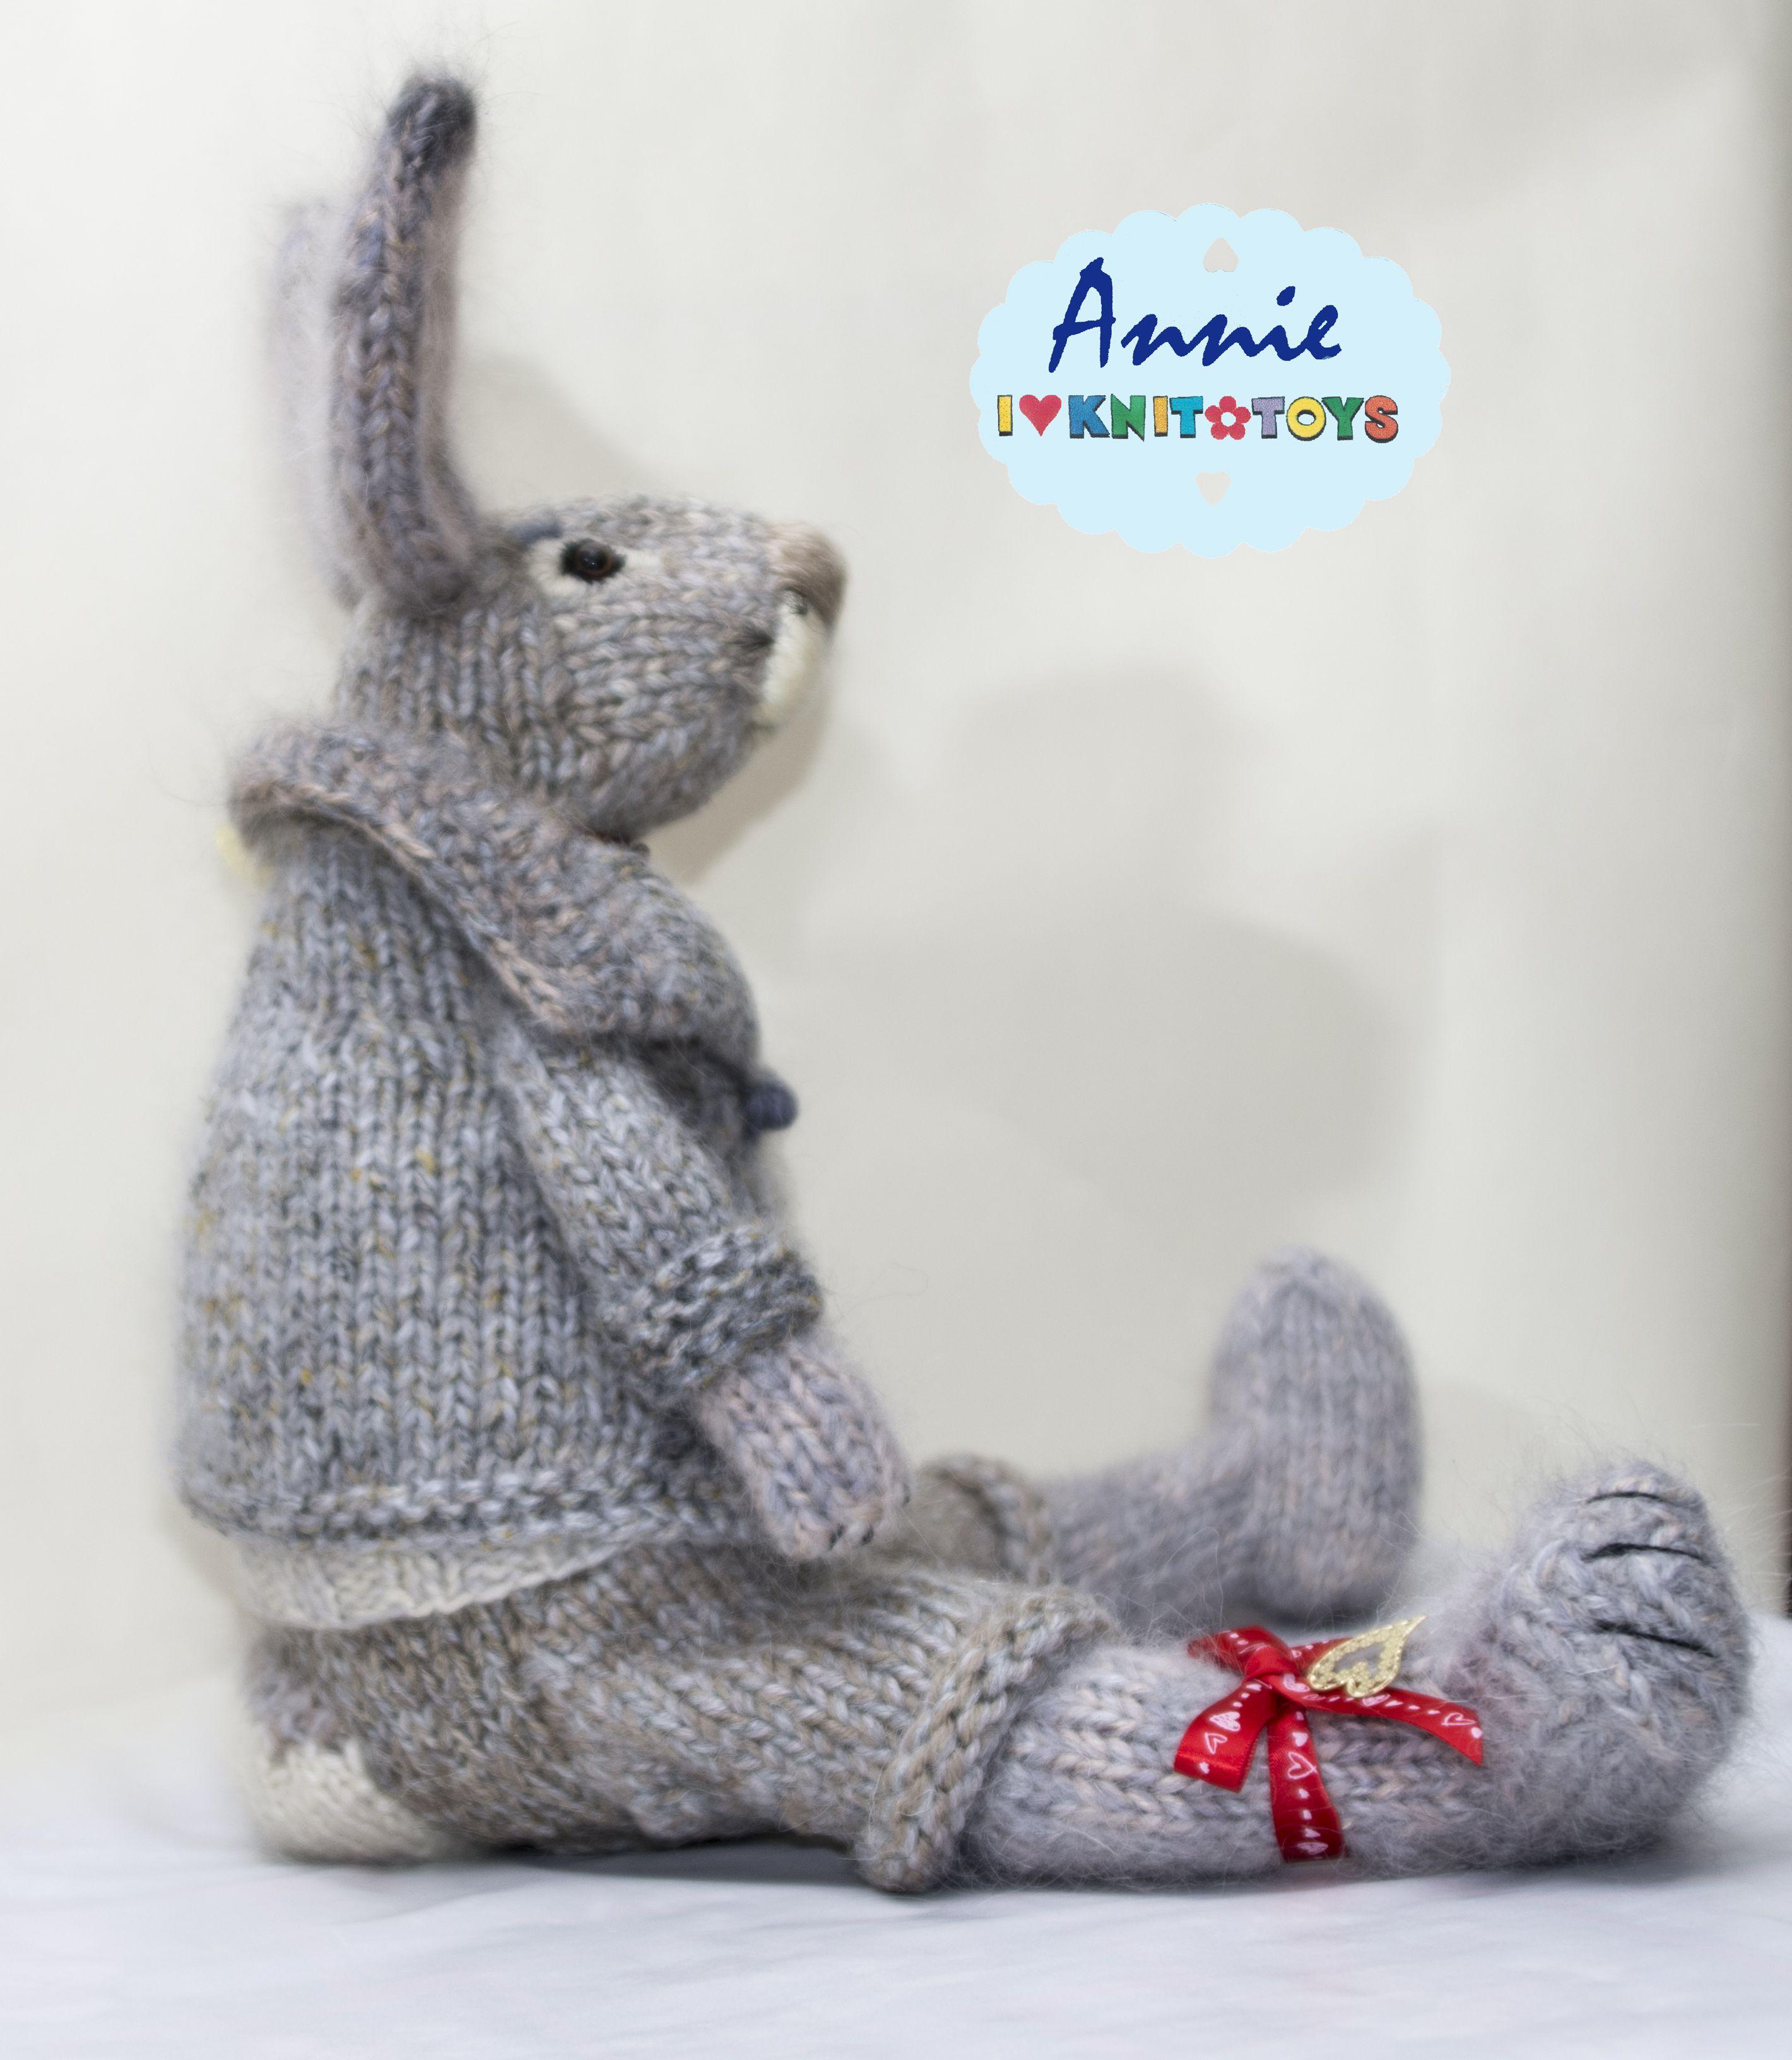 зайчик пасха игрушка зайка вязаный_зайчик сувенир рождество подарок